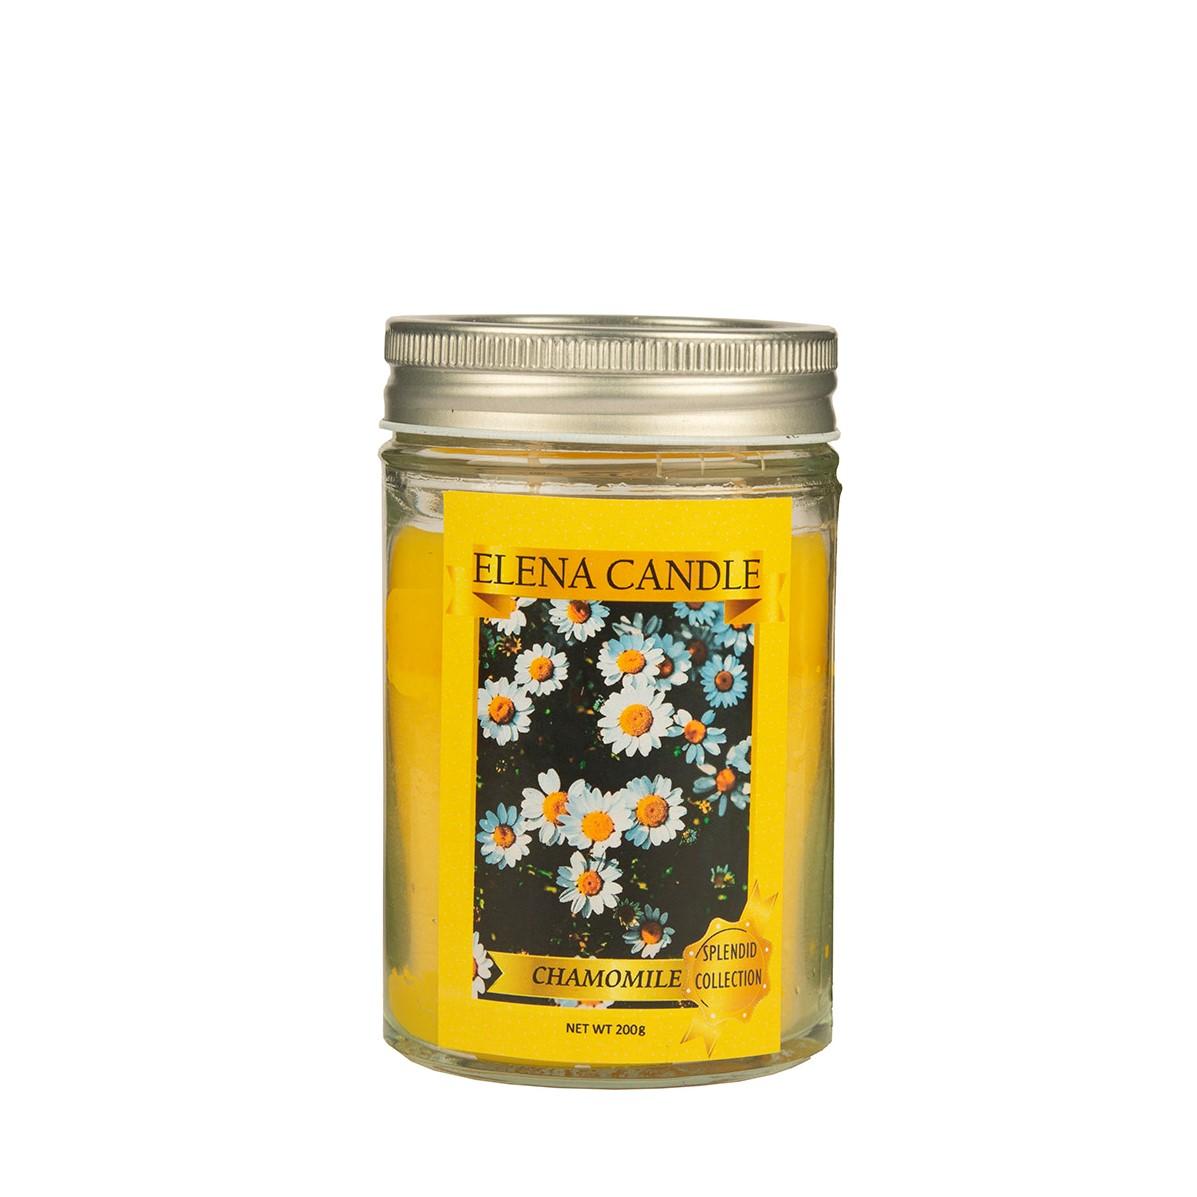 شمع لیوانی النا کندل مدل شکوفه بابونه کد 200g